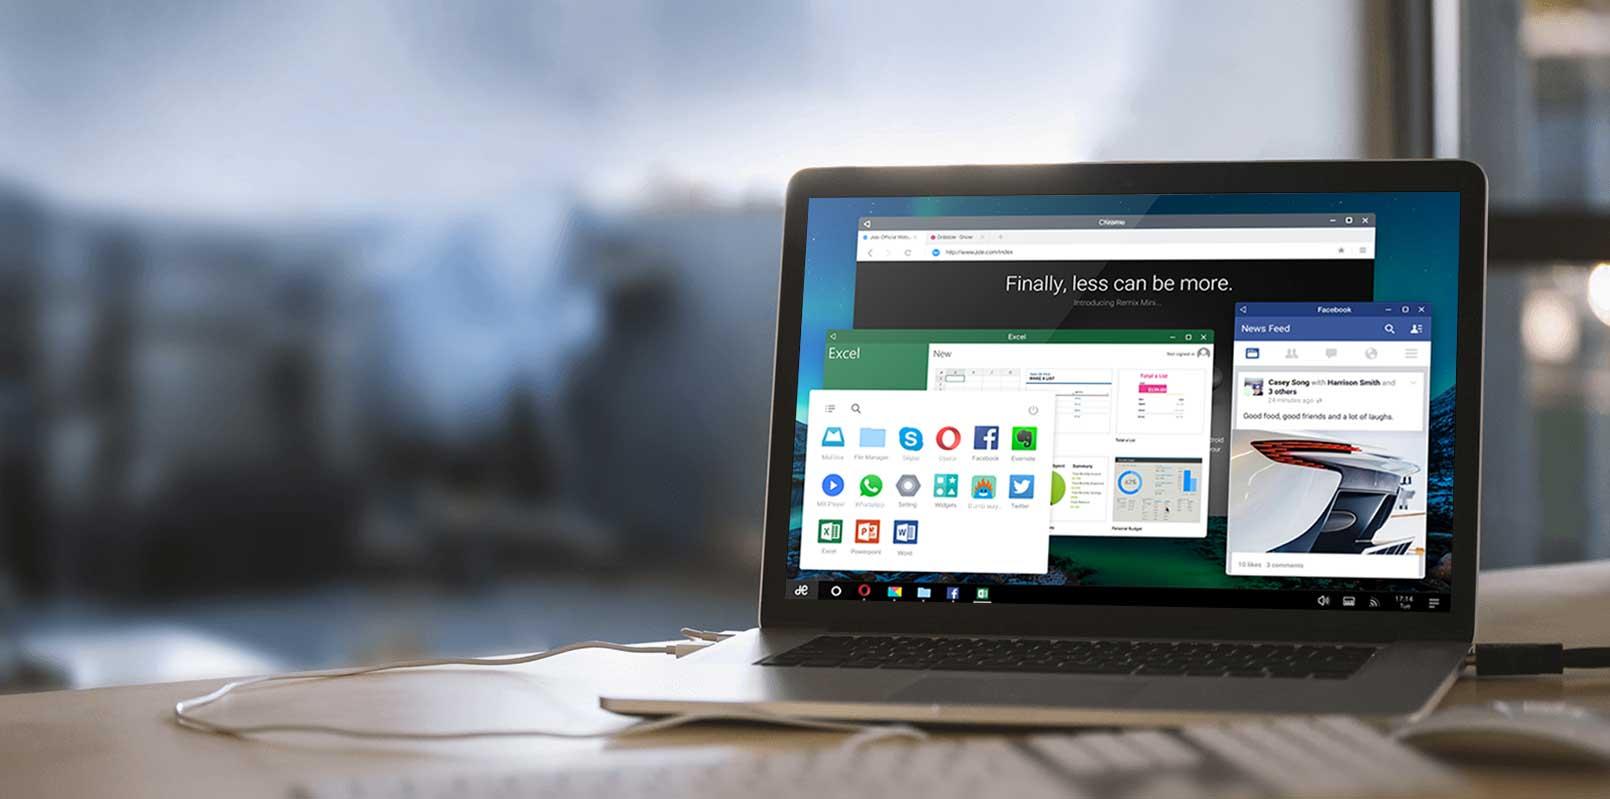 Transformez votre PC en appareil Android grâce à Android-x86